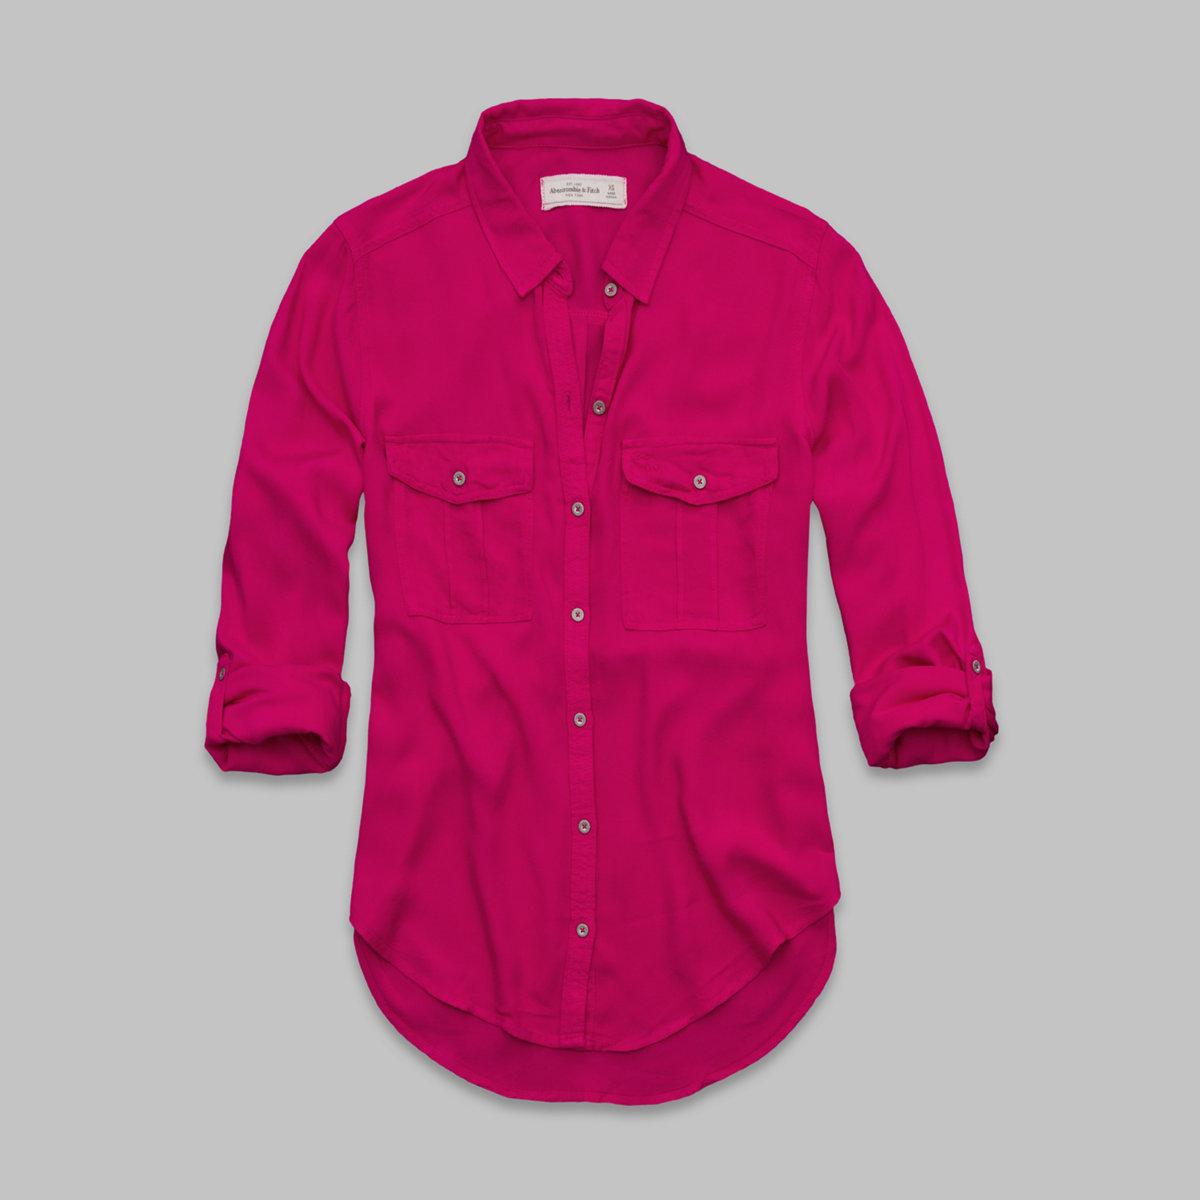 Kira Shirt